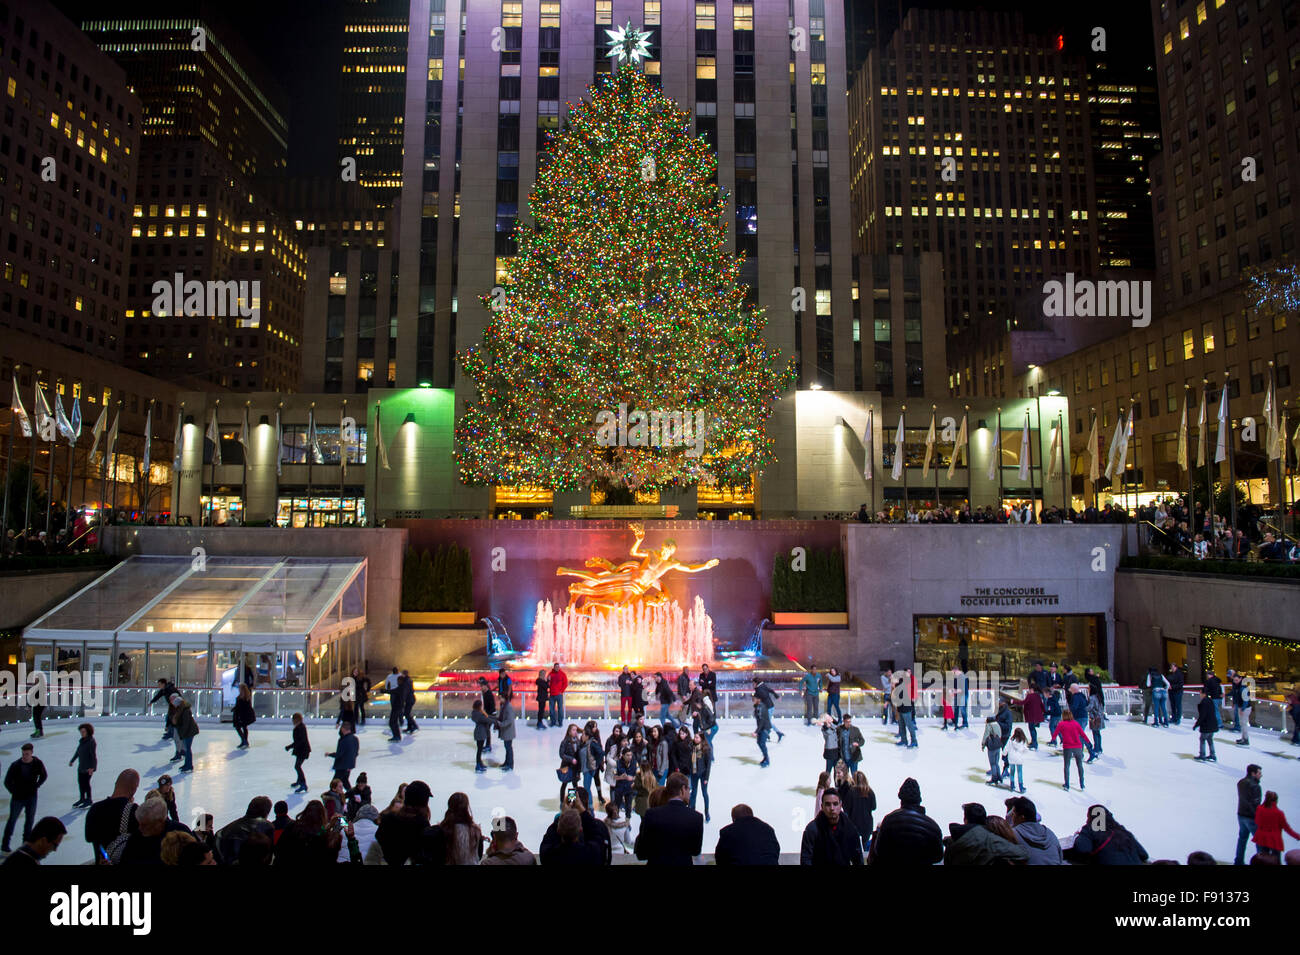 NEW YORK CITY, USA - 10. Dezember 2015: Eisläufer füllen die Eisbahn unter dem Rockefeller Center Weihnachtsbaum. Stockfoto